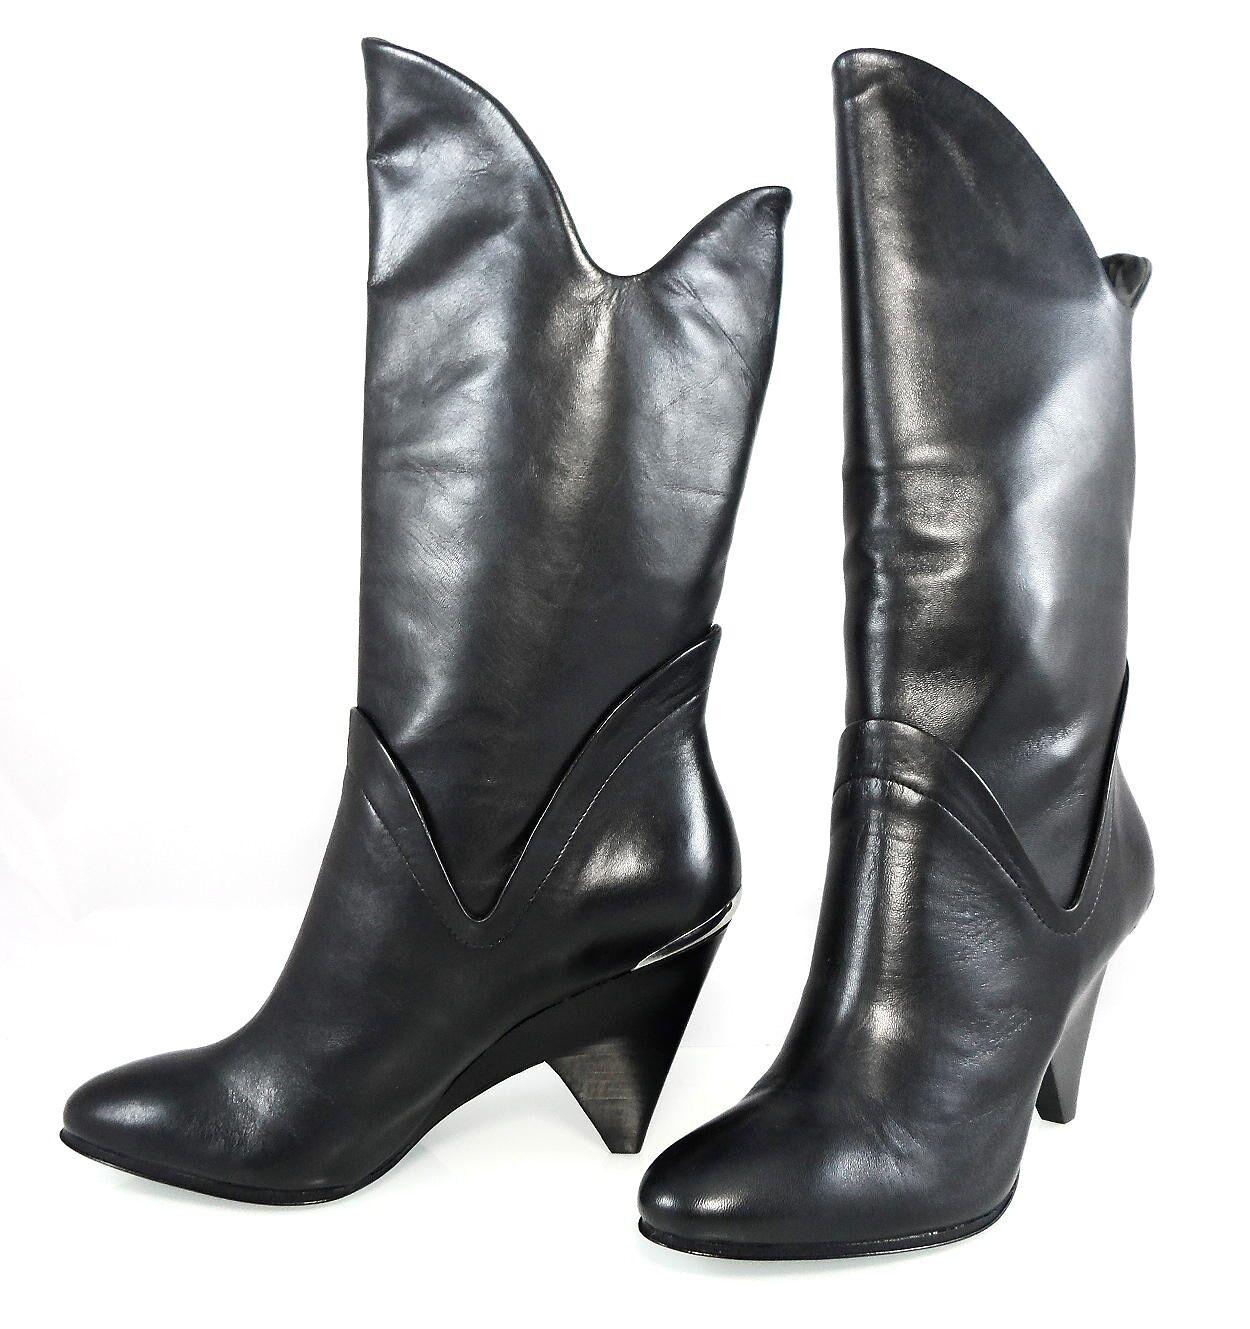 Belle Sigerson Morrison 6621 Moda botas botas botas Cuña Semi occidental Tire de mujer 7  suministro directo de los fabricantes